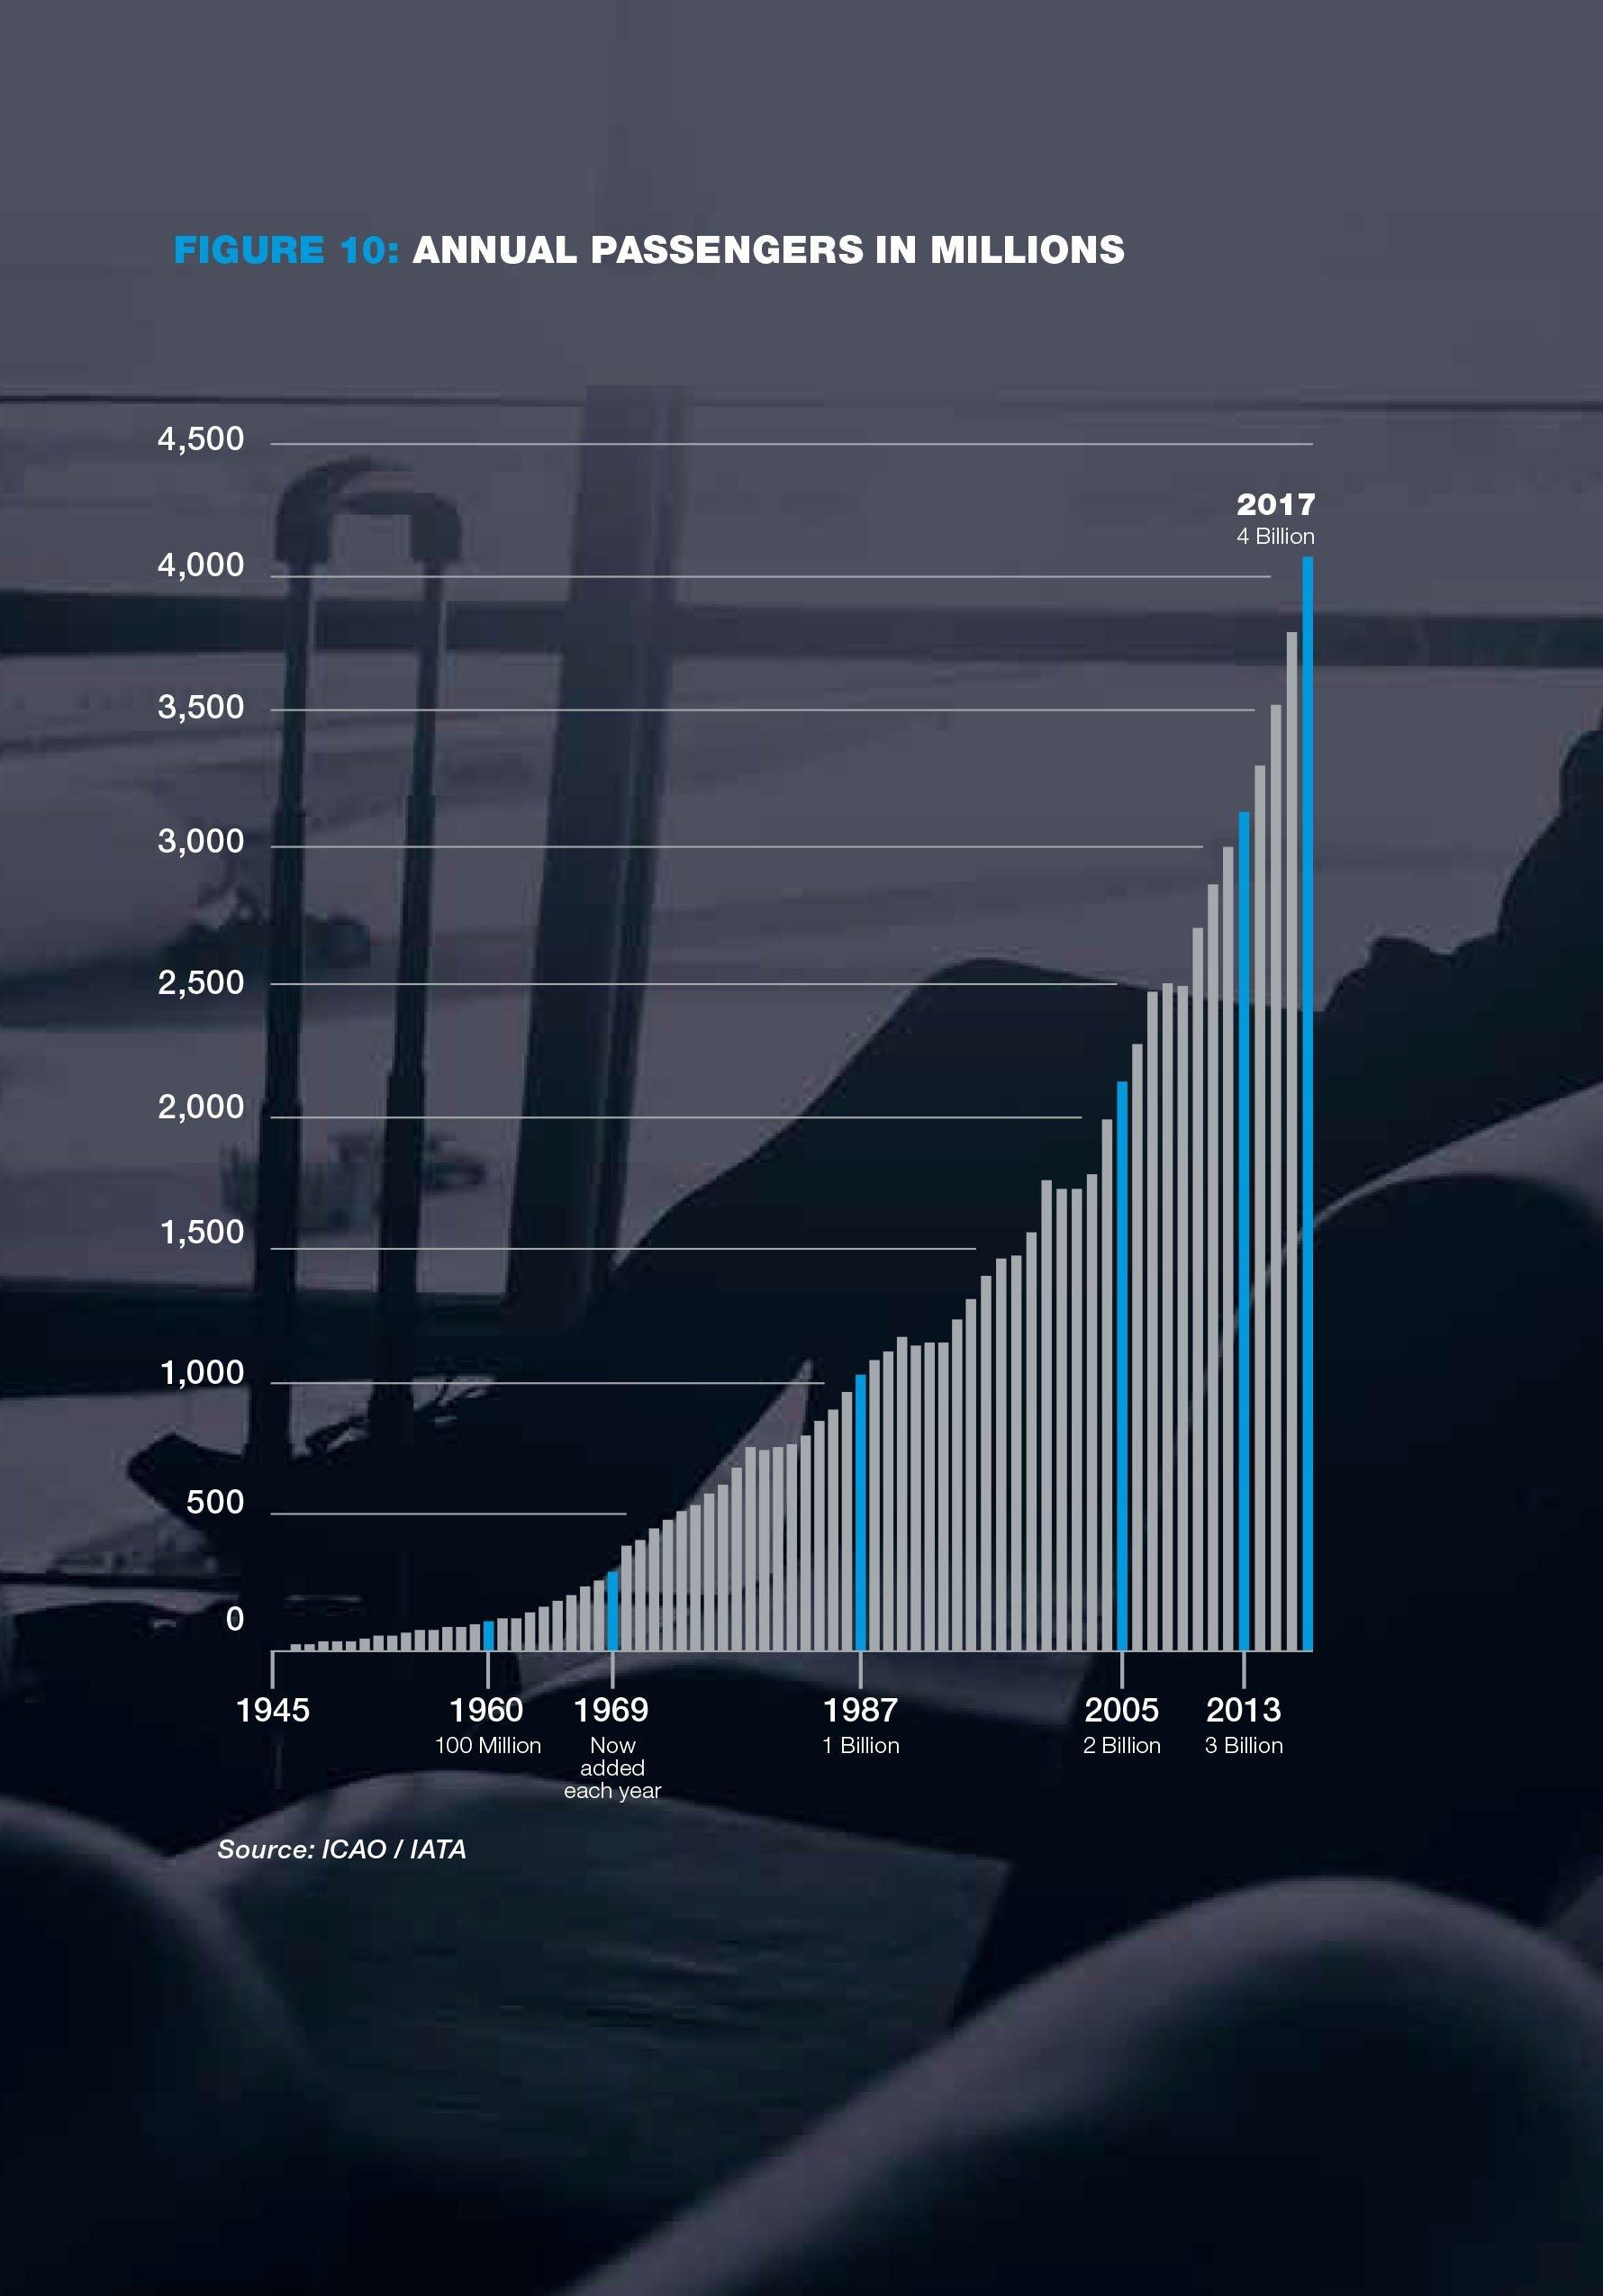 Boeing-market-foarecast-2018-passengers-millions